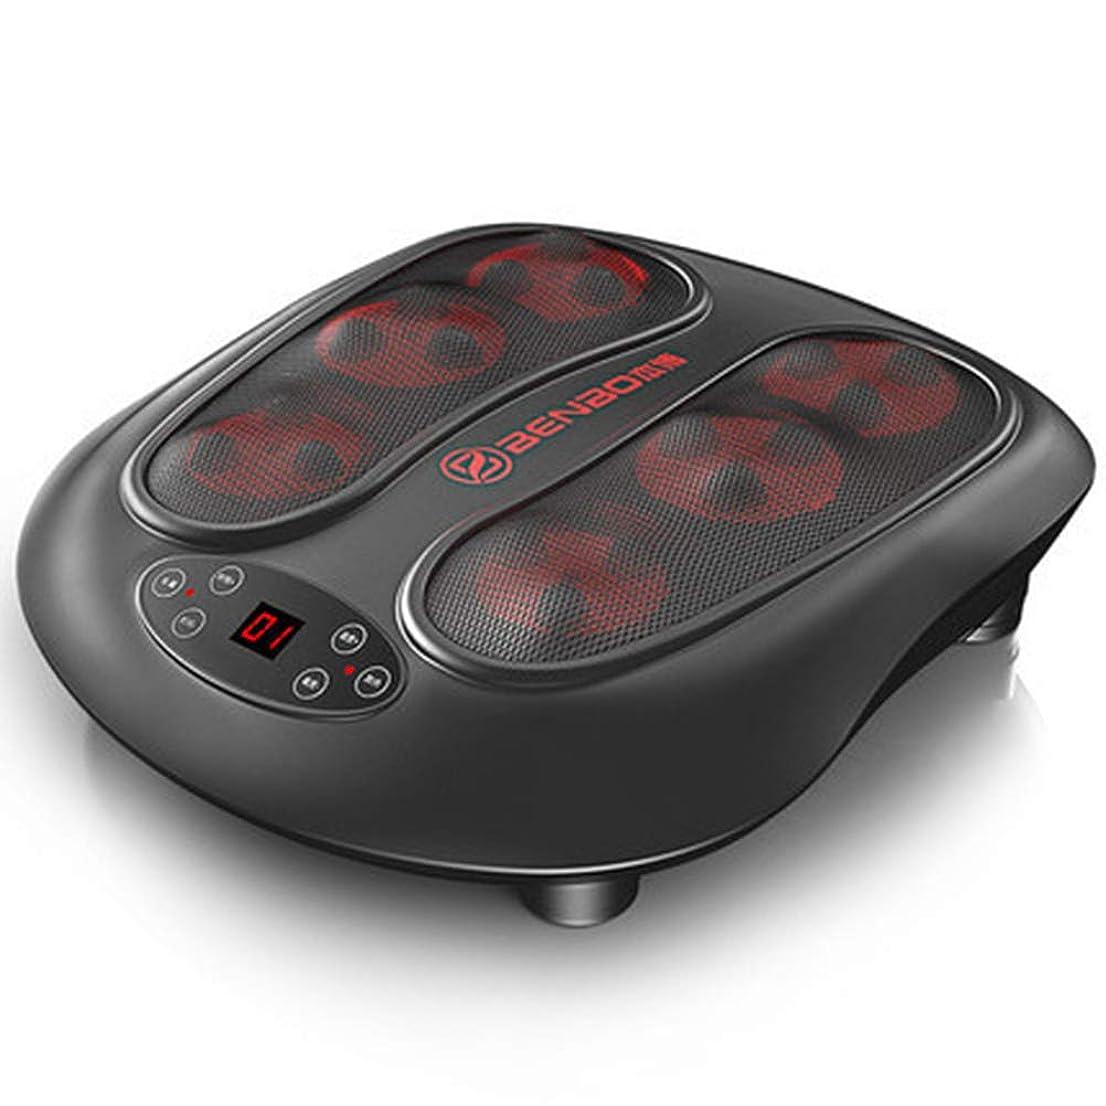 インタフェース鳴り響くエージェントリモコン 足のマッサージ指圧、6dマッサージ、足のマッサージ機電気足マッサージャーと足底筋膜炎の痛みホームオフィス インテリジェント, black